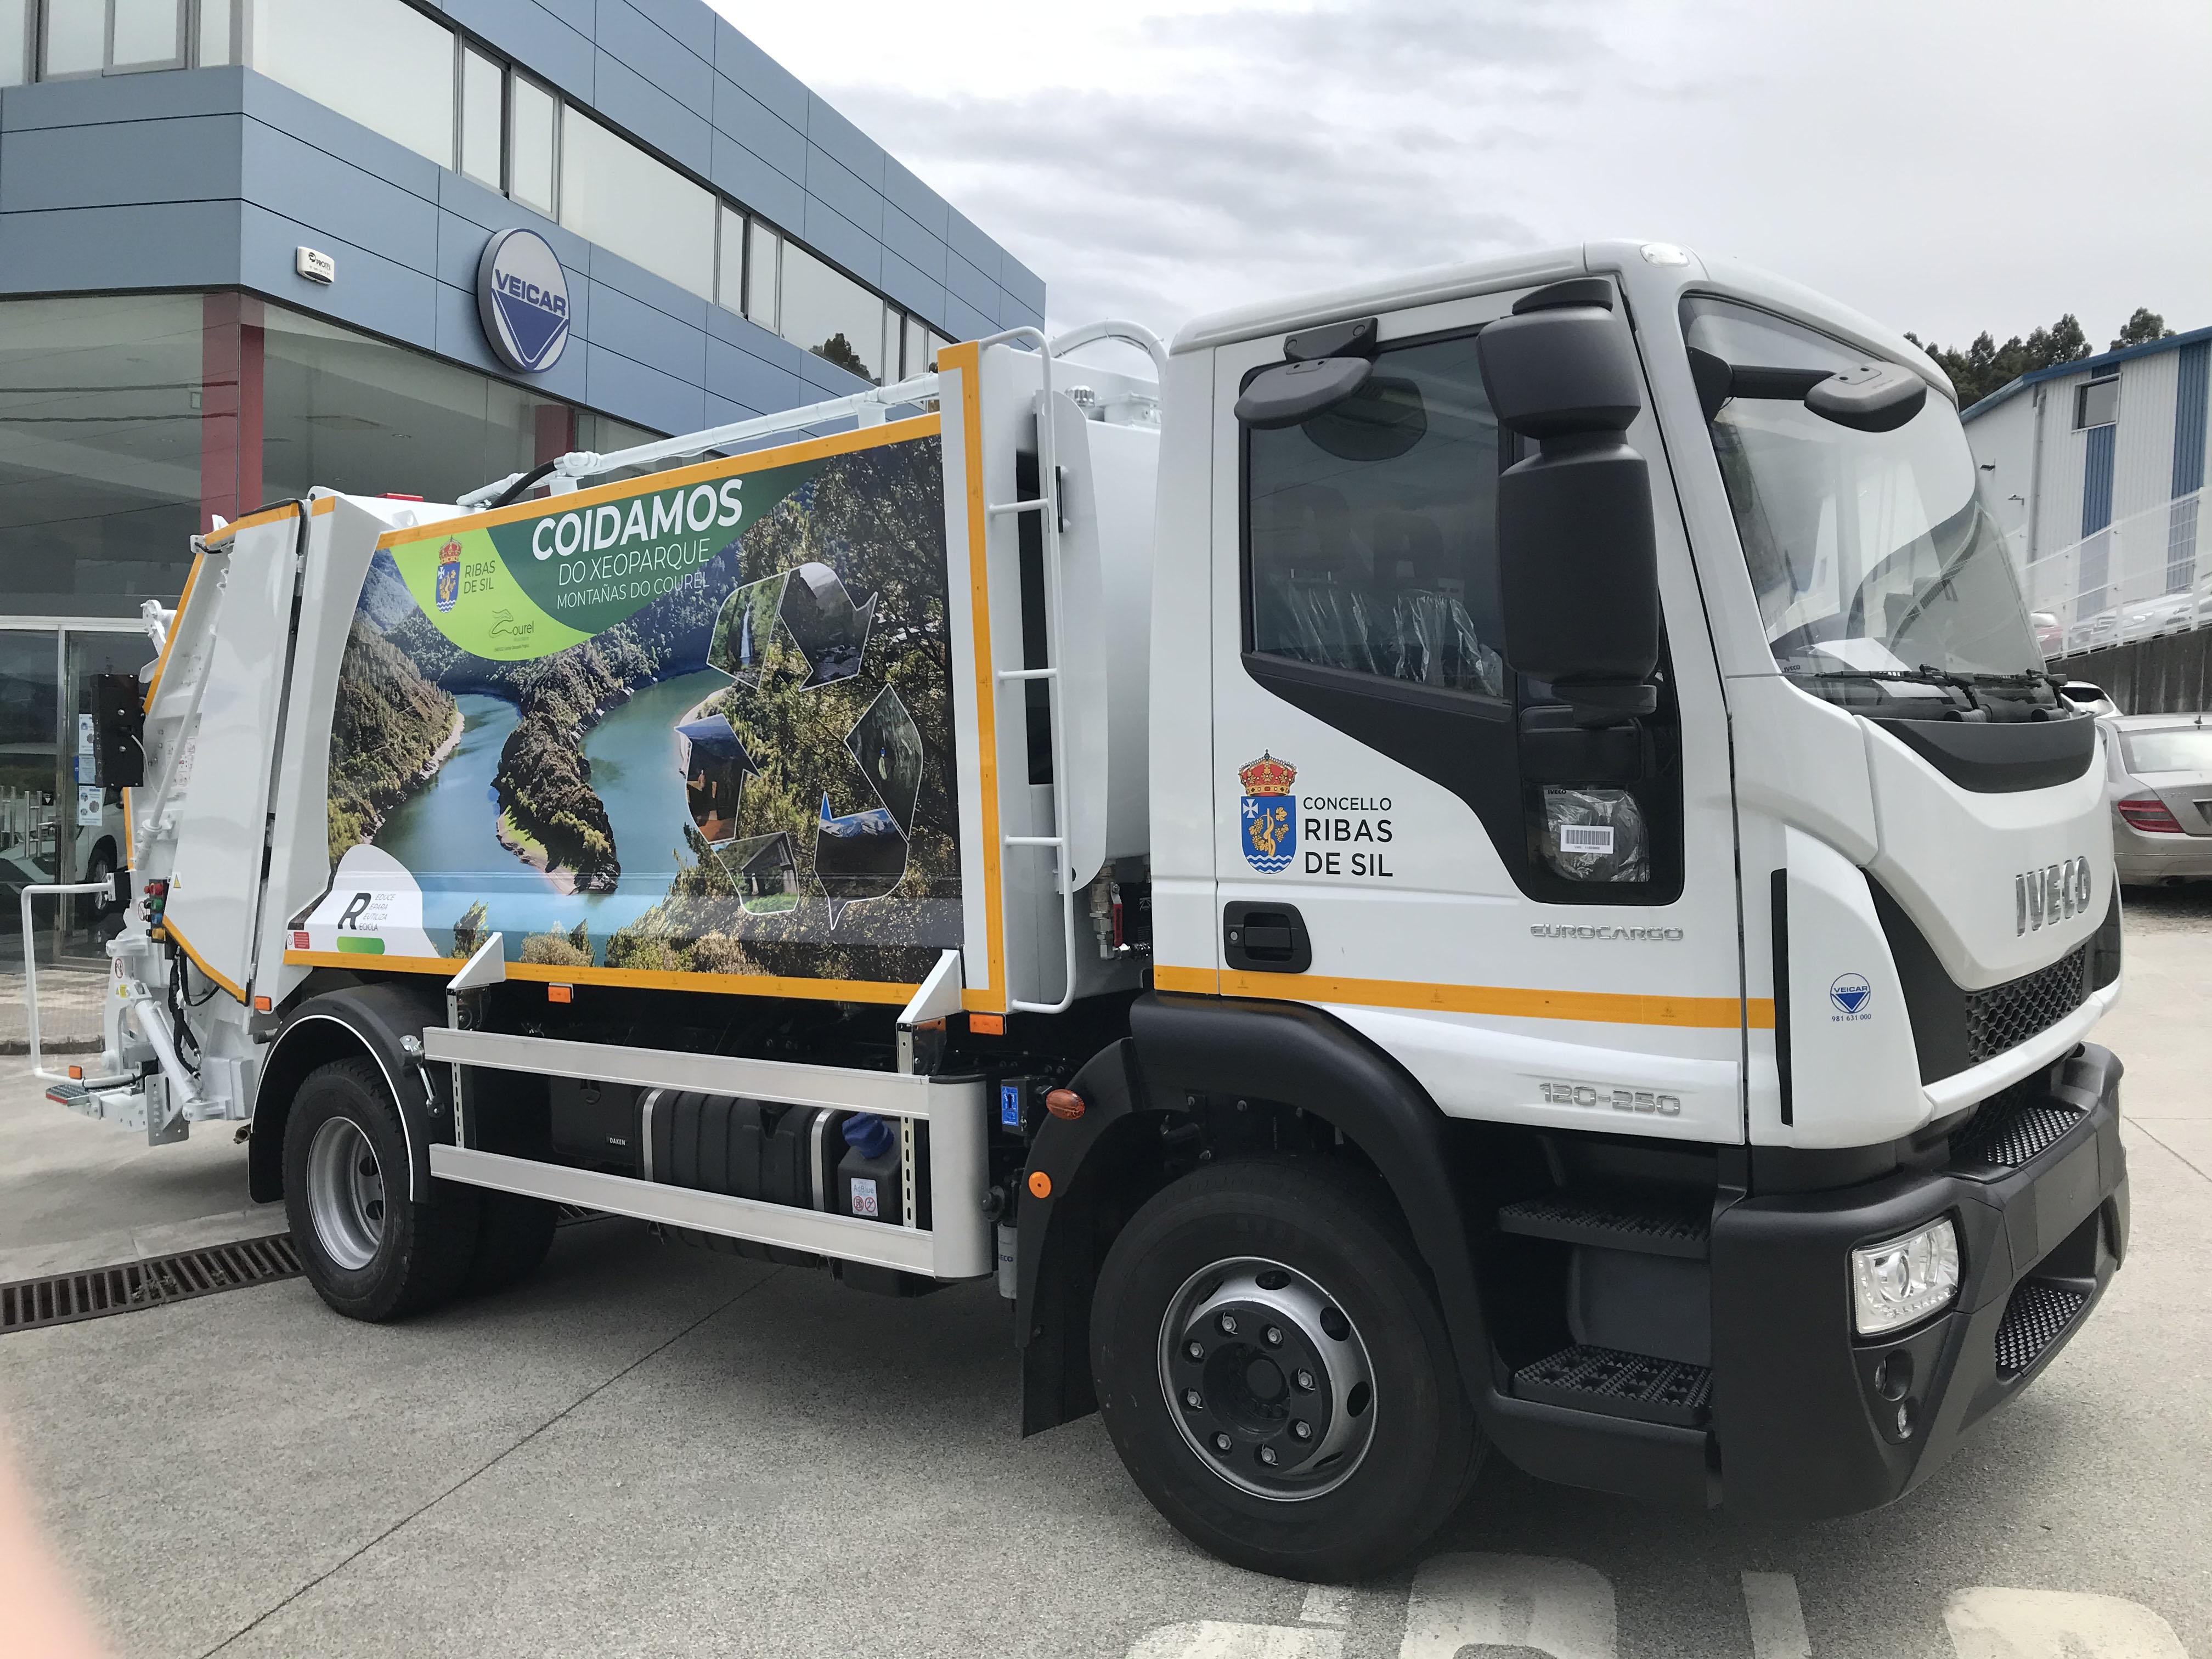 Ayuntamientos  de Galicia renuevan sus flotas de recogida de residuos con transmisiones Allison